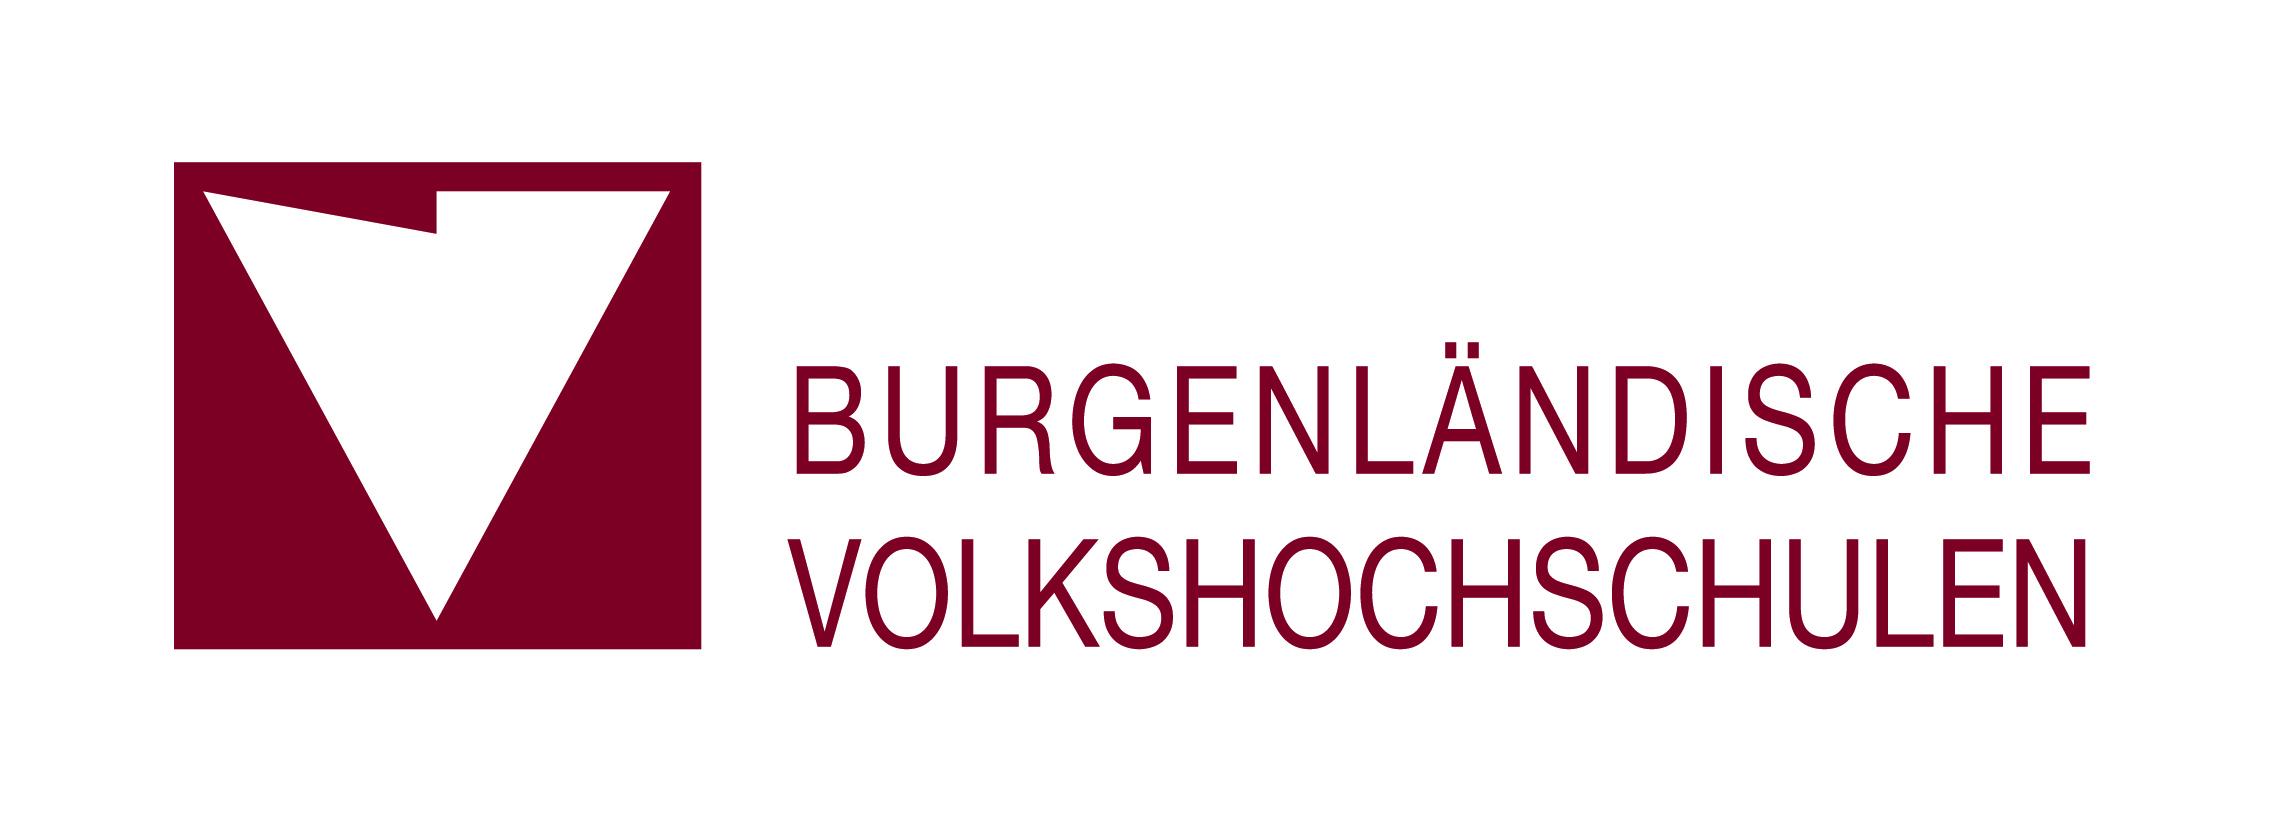 Burgenländische Volkshochschulen logo